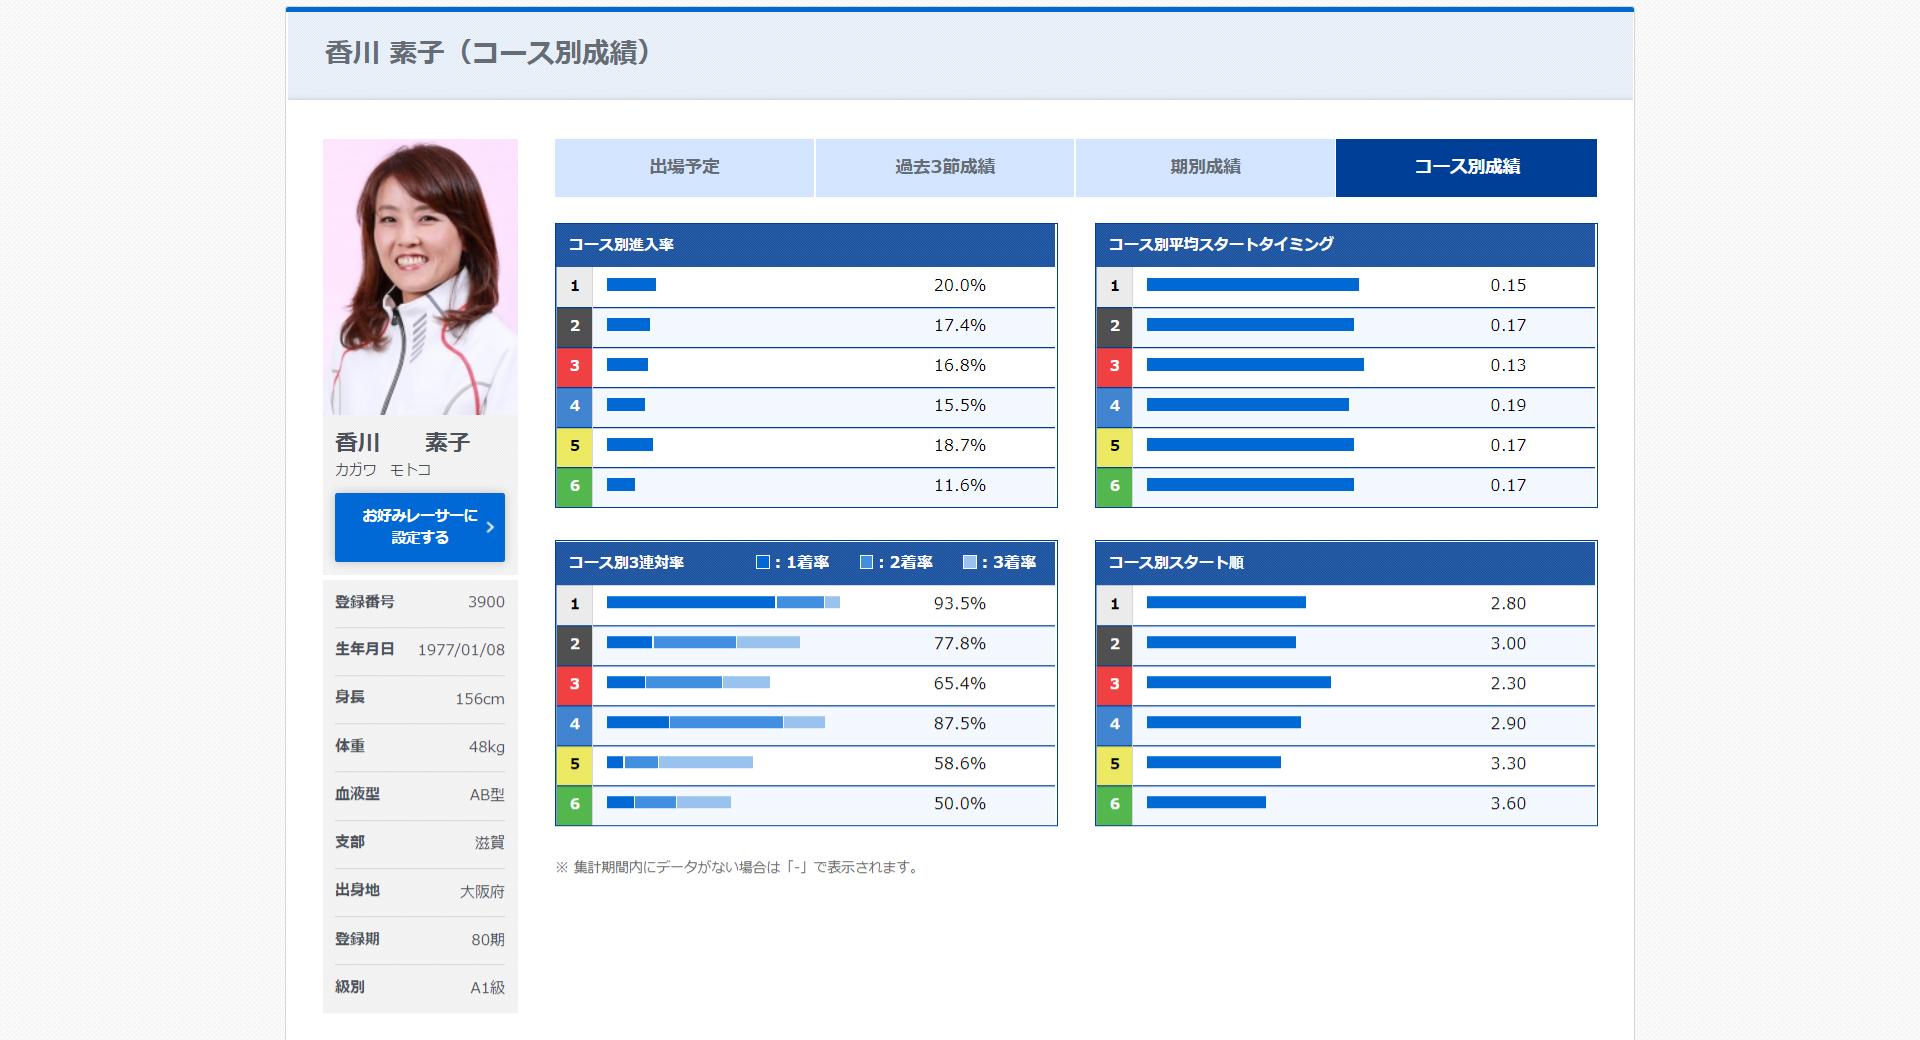 47th_allstar_racer_06_3900_kagawa